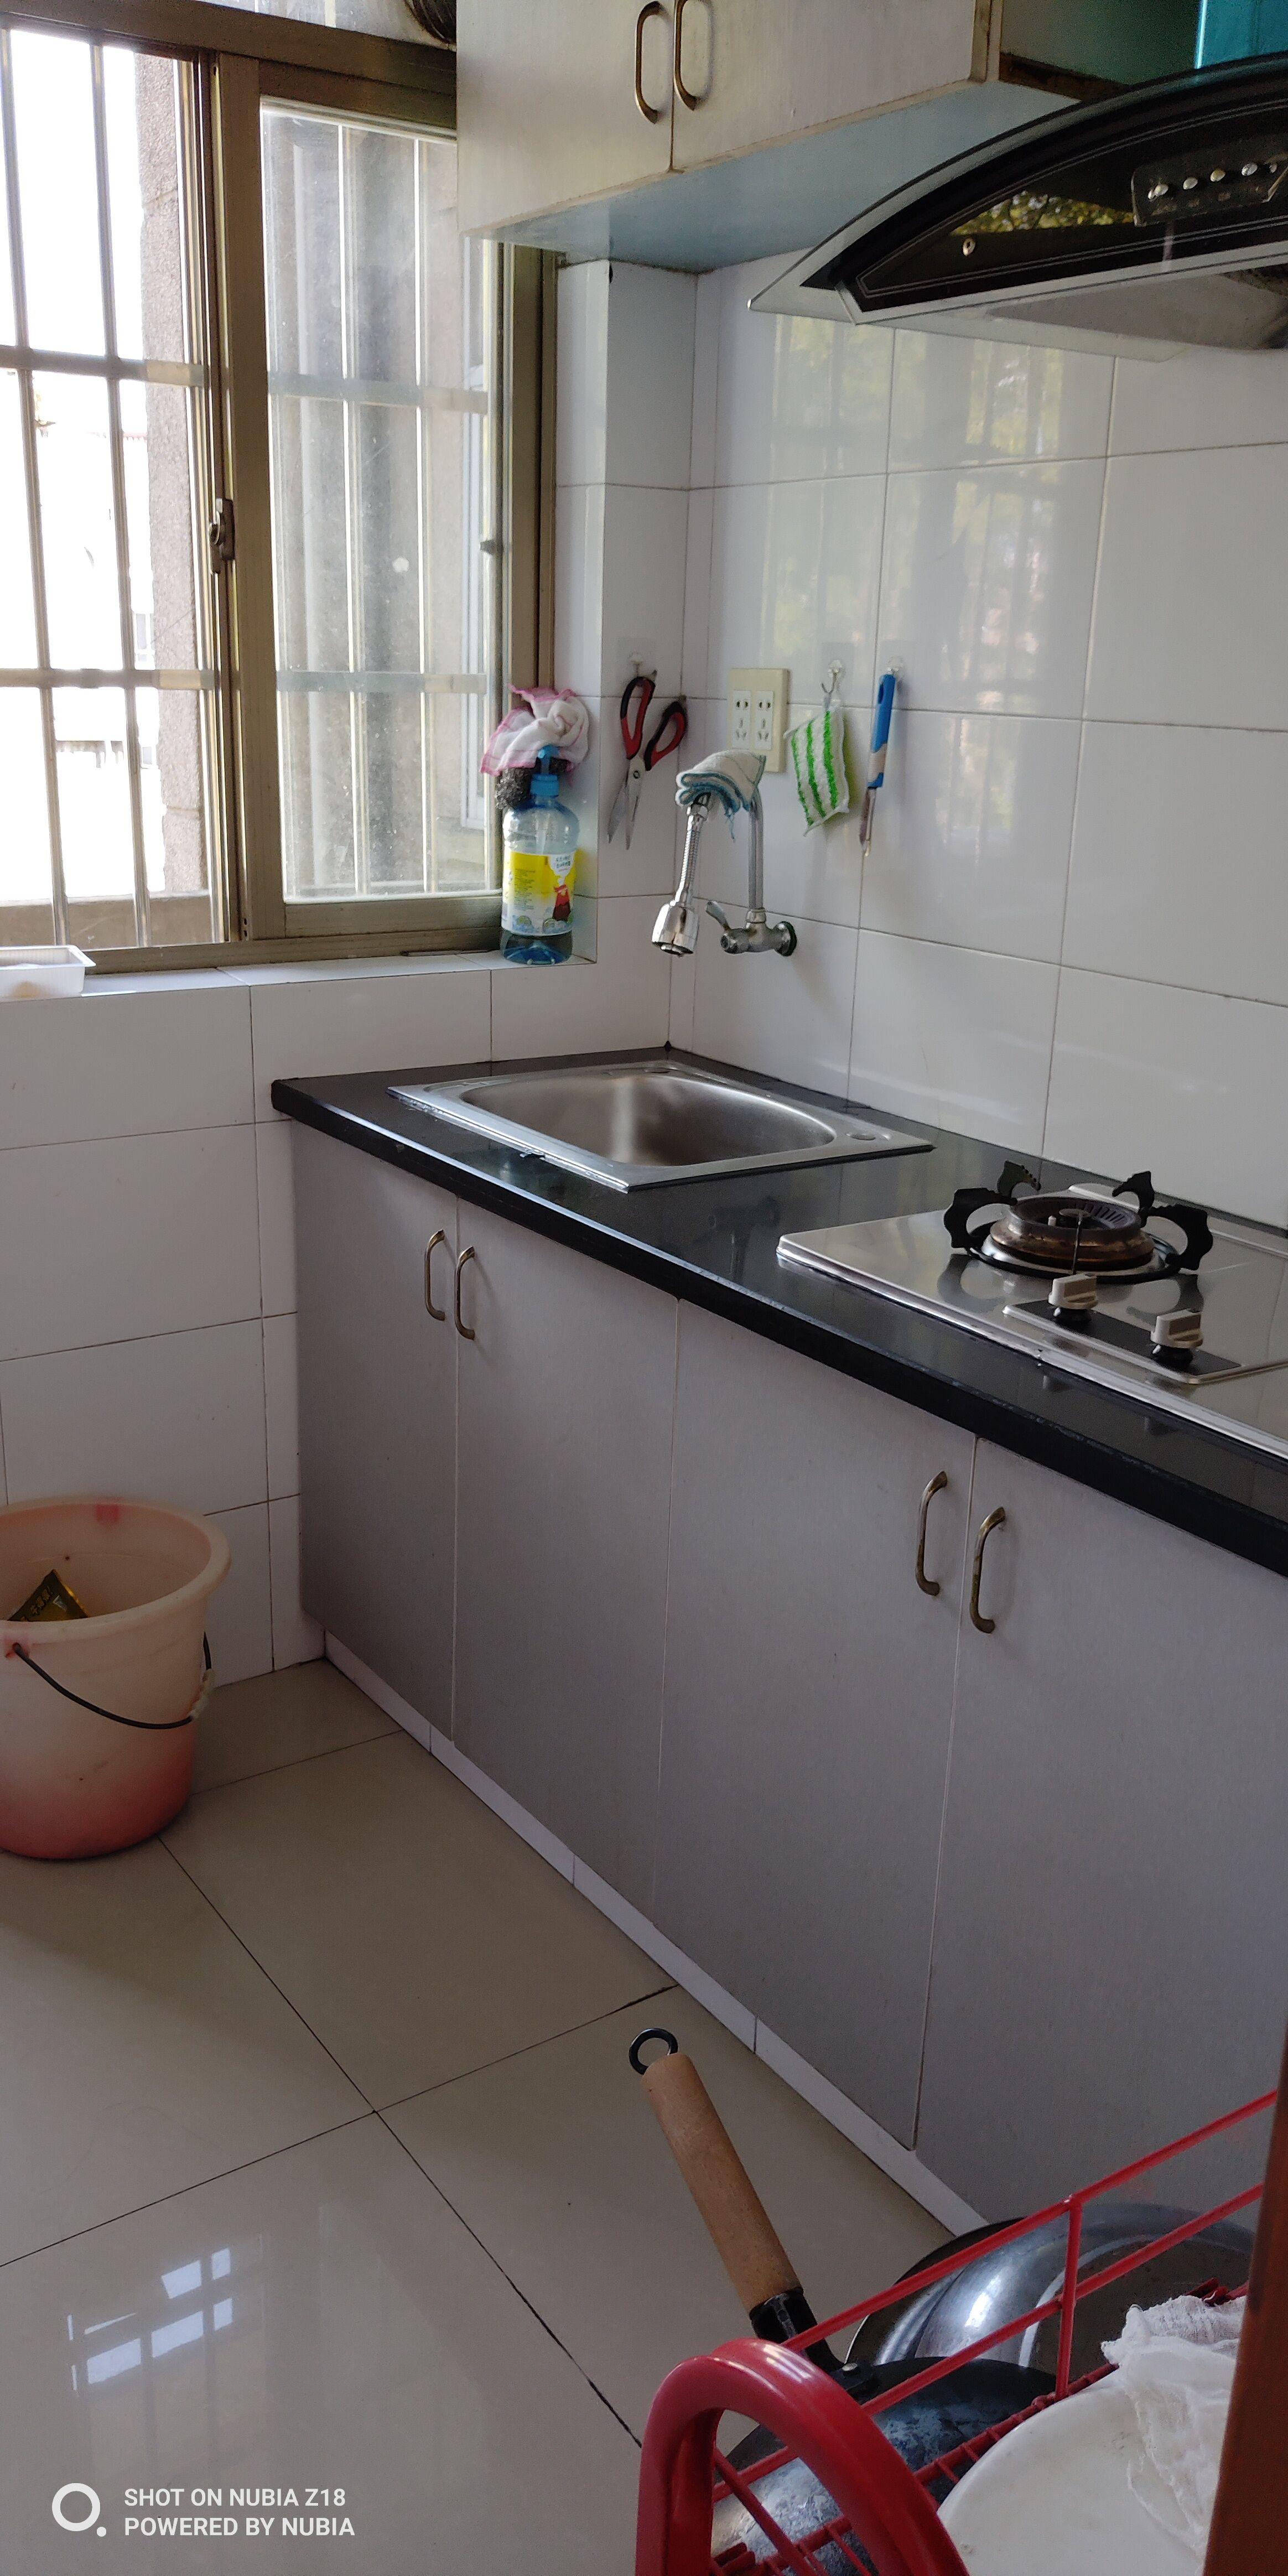 临浦永翔公寓,精装修1房1厅一厨一卫出售,临浦中心幼儿园、临浦镇小、临浦镇中学区房